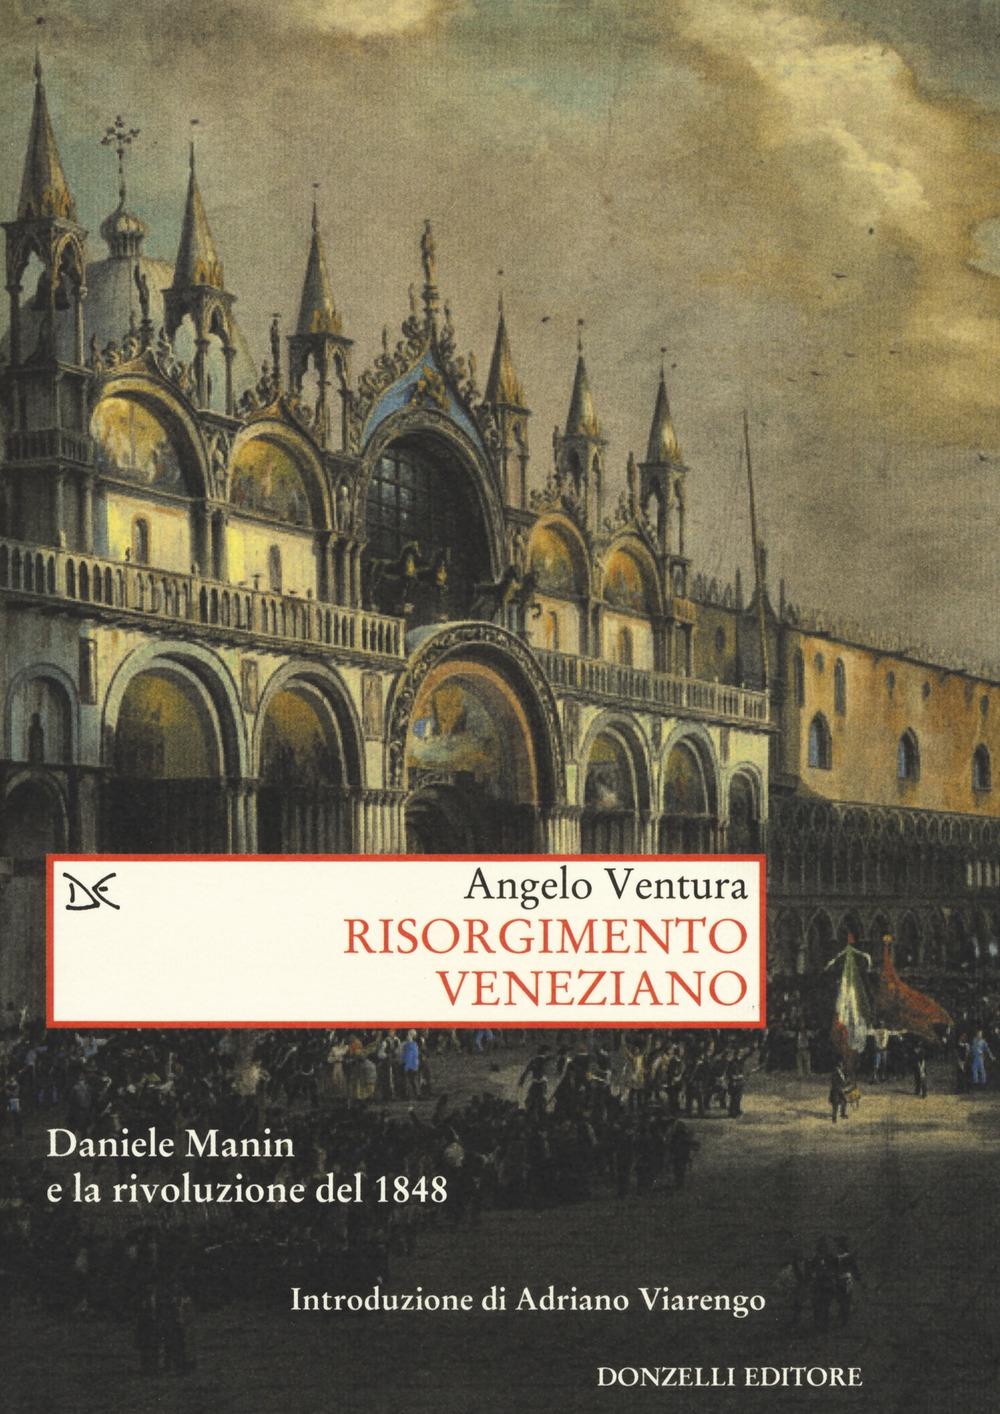 Risorgimento veneziano. Daniele Manin e la rivoluzione del 1848